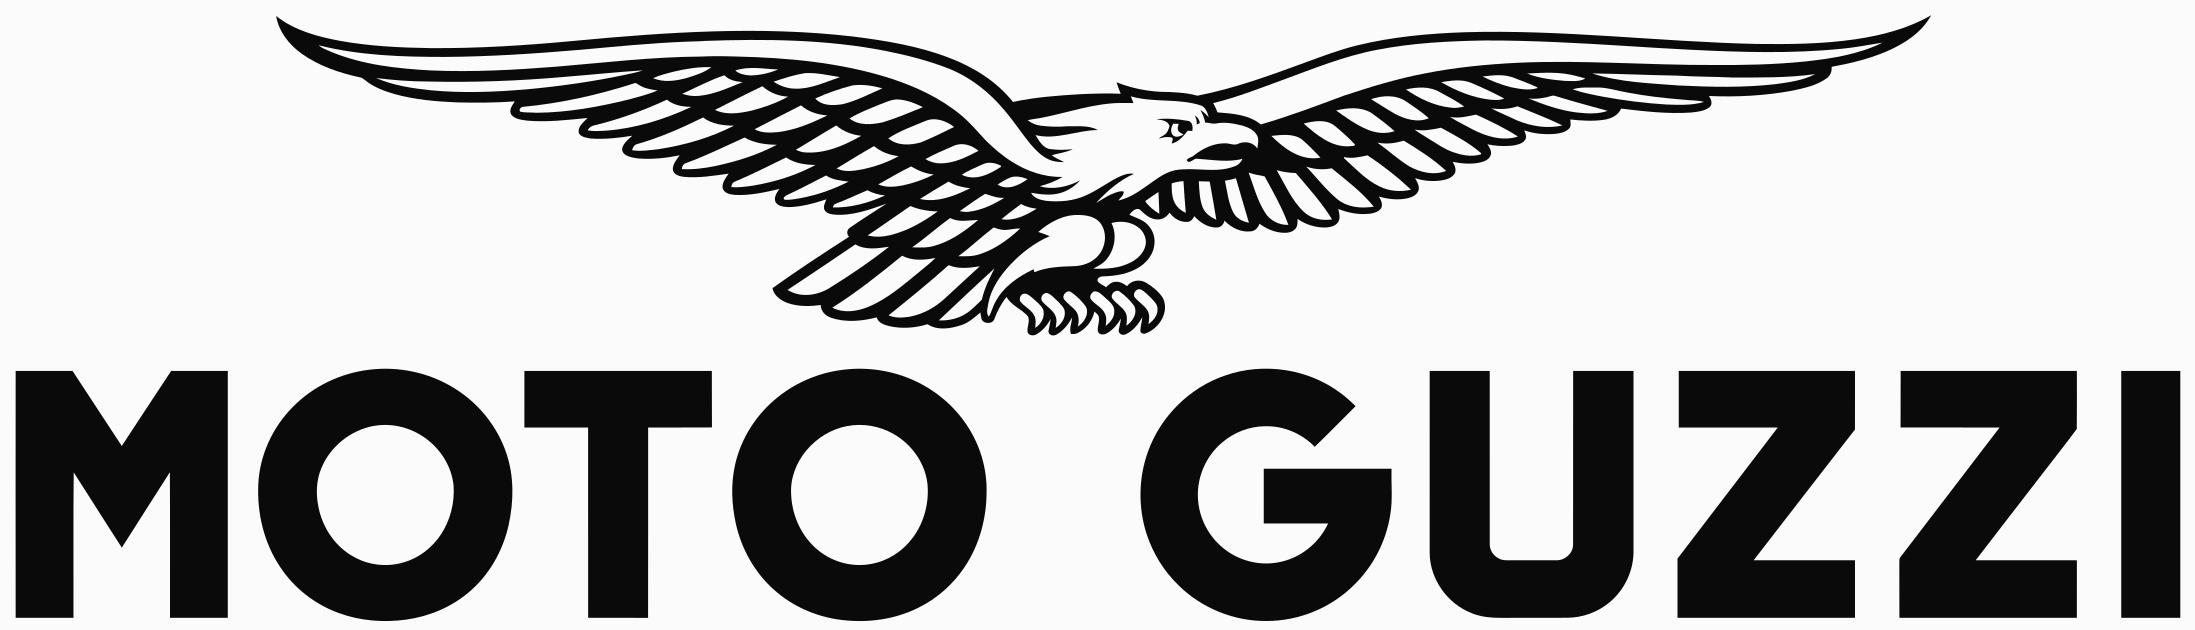 Moto Guzzi Dondolino 500 (1948) | Moto Guzzi Logo: | Motorcycle | Pinterest  | Moto guzzi - Moto Guzzi PNG